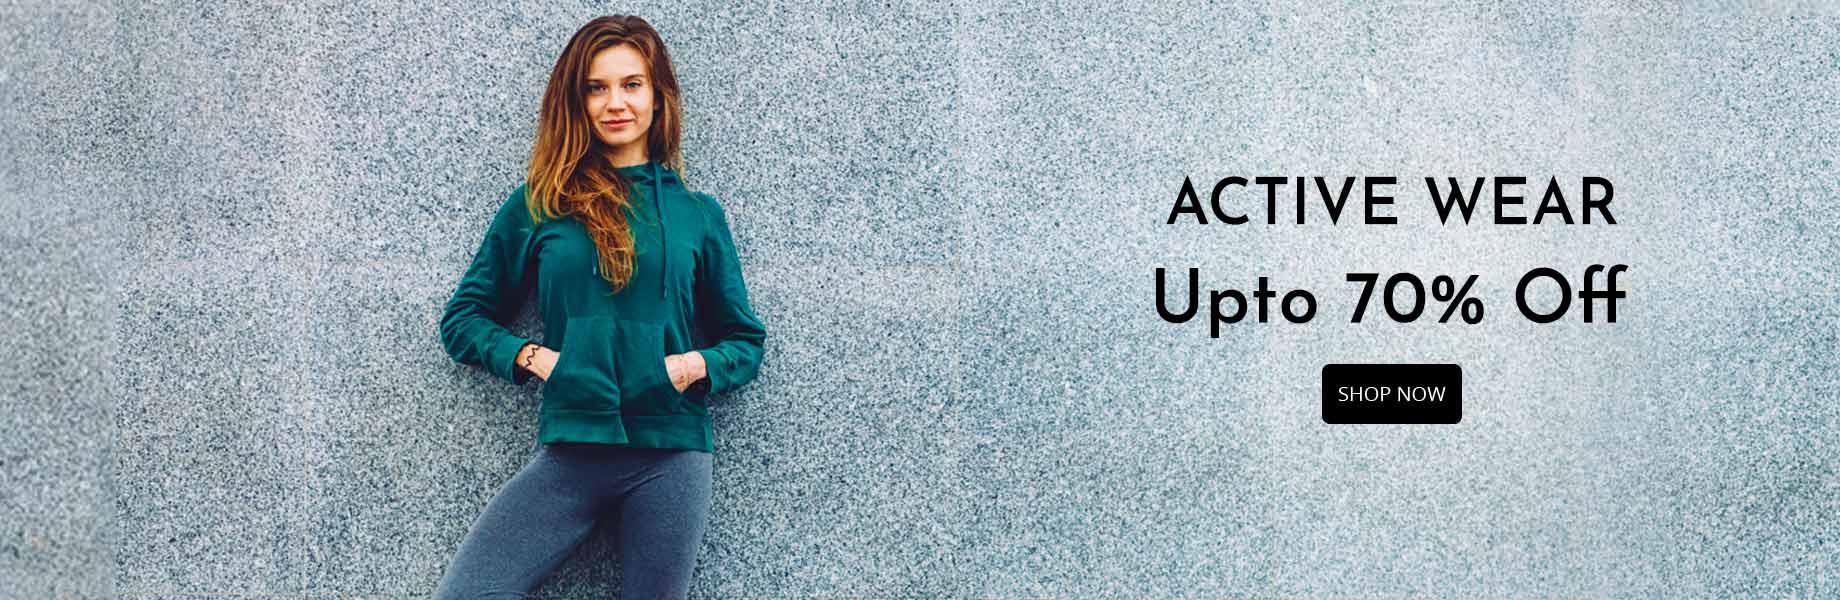 Womens-Page-Western-Wear-Static-Active-Wear-Web.jpg